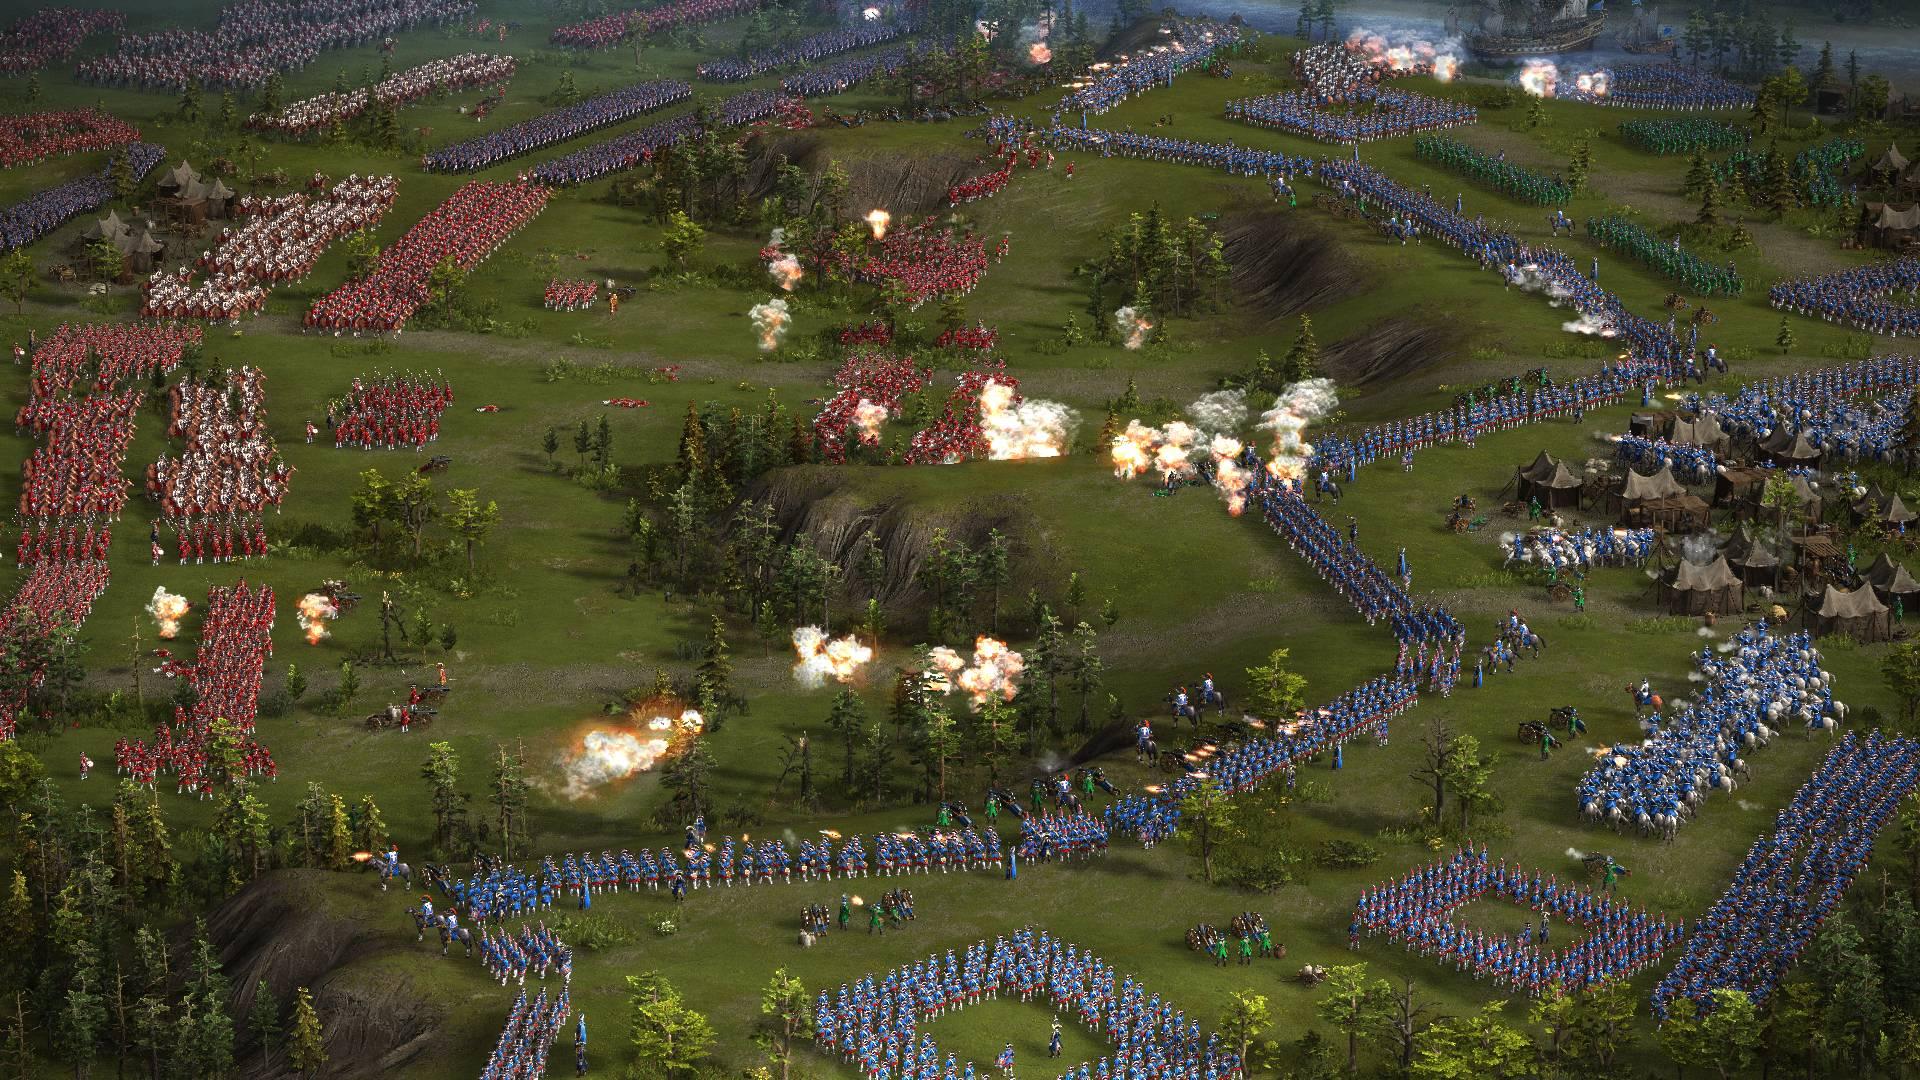 казаки 3 грандиозный эпичный масштаб сражений